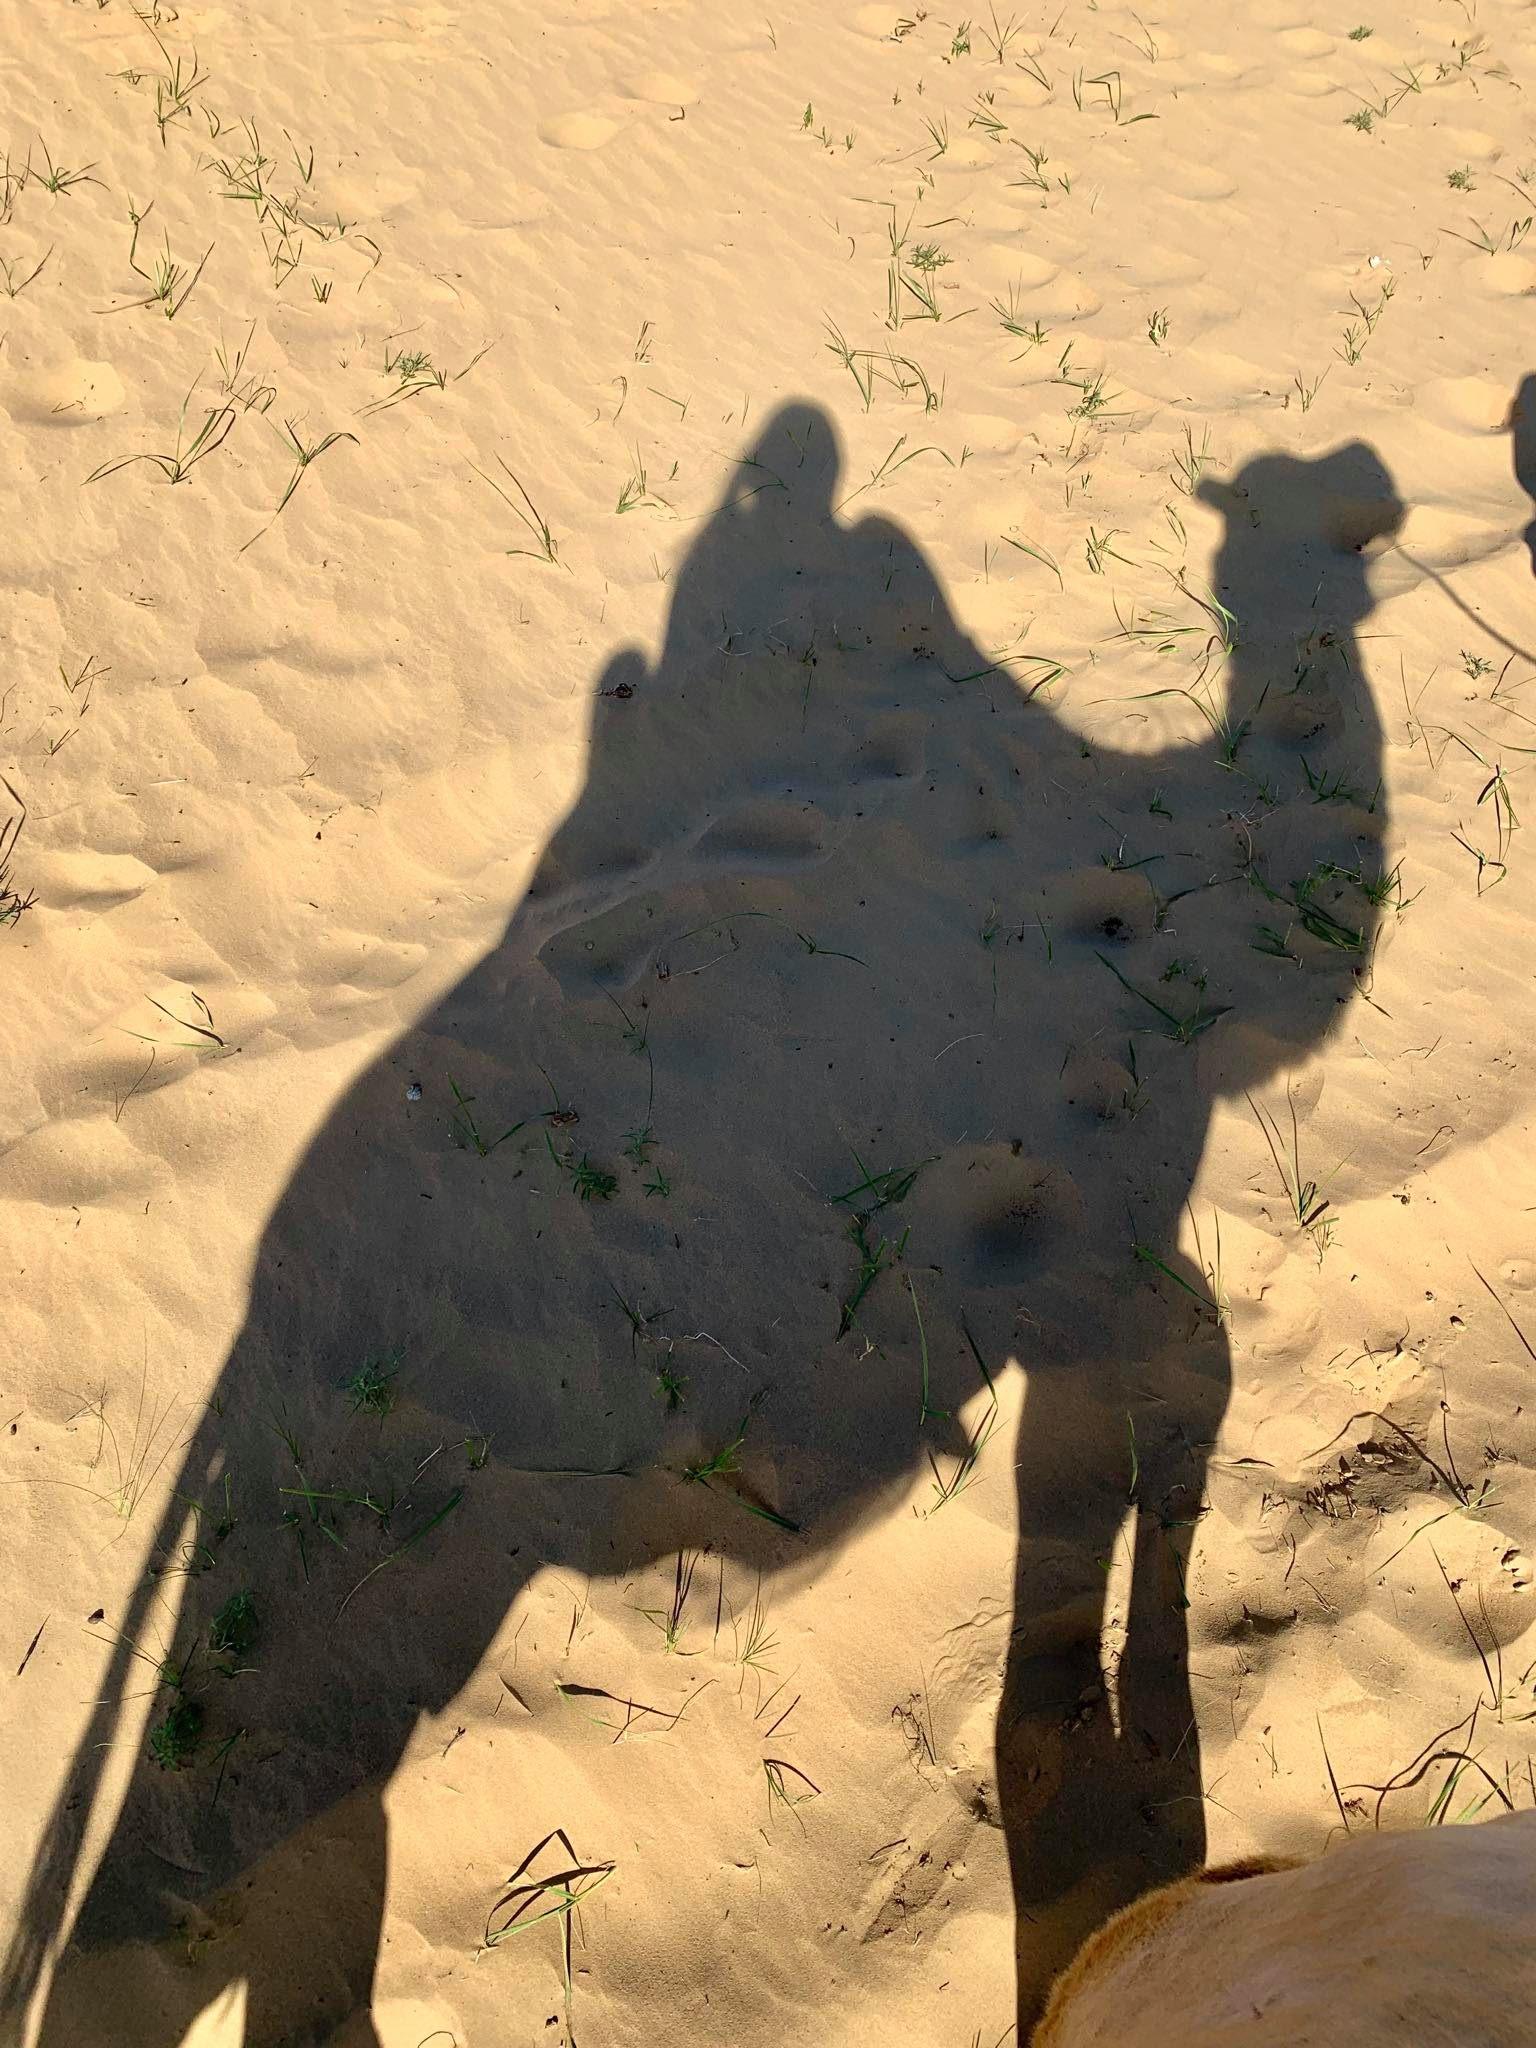 Kach Solo Travels in 2019 Nomadic family in Elsen Tasarkhai4.jpg